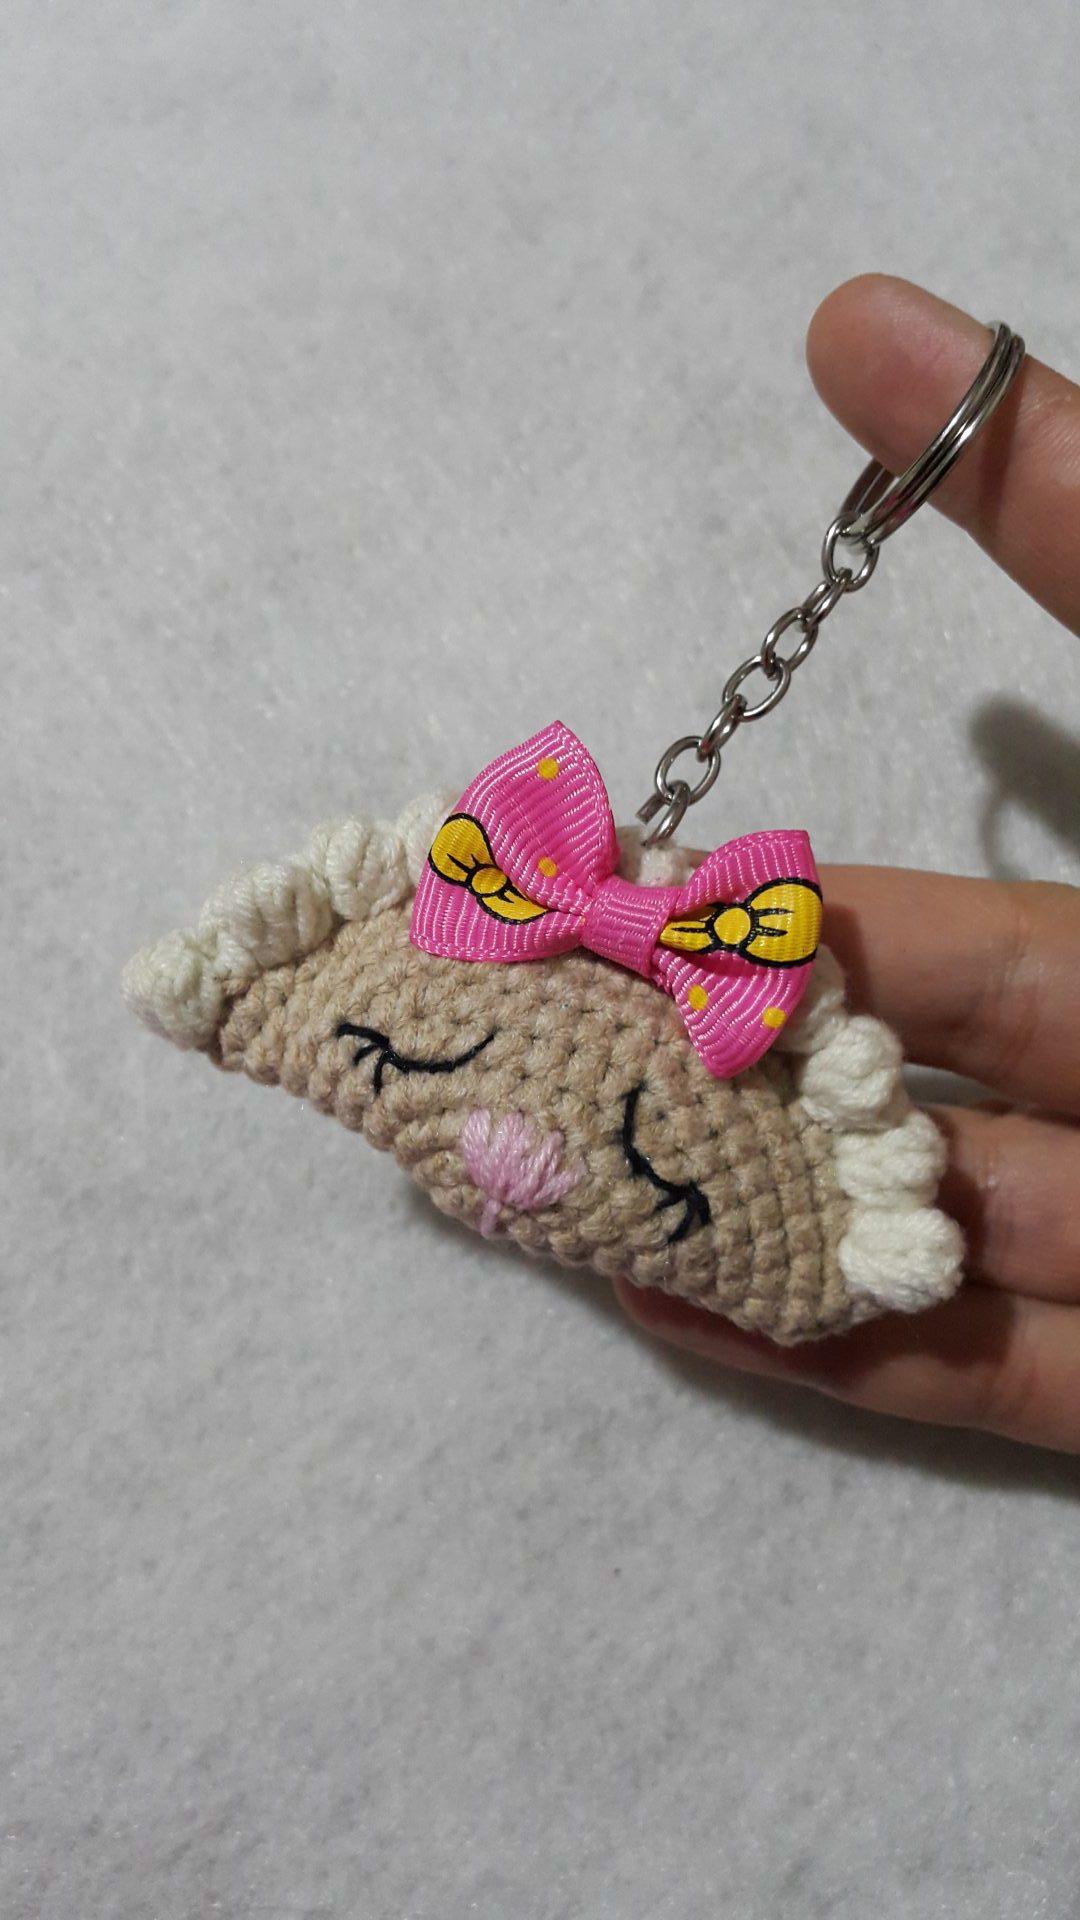 Amigurumi uyku arkadaşı oyuncaklar – 10marifet.org | 1920x1080